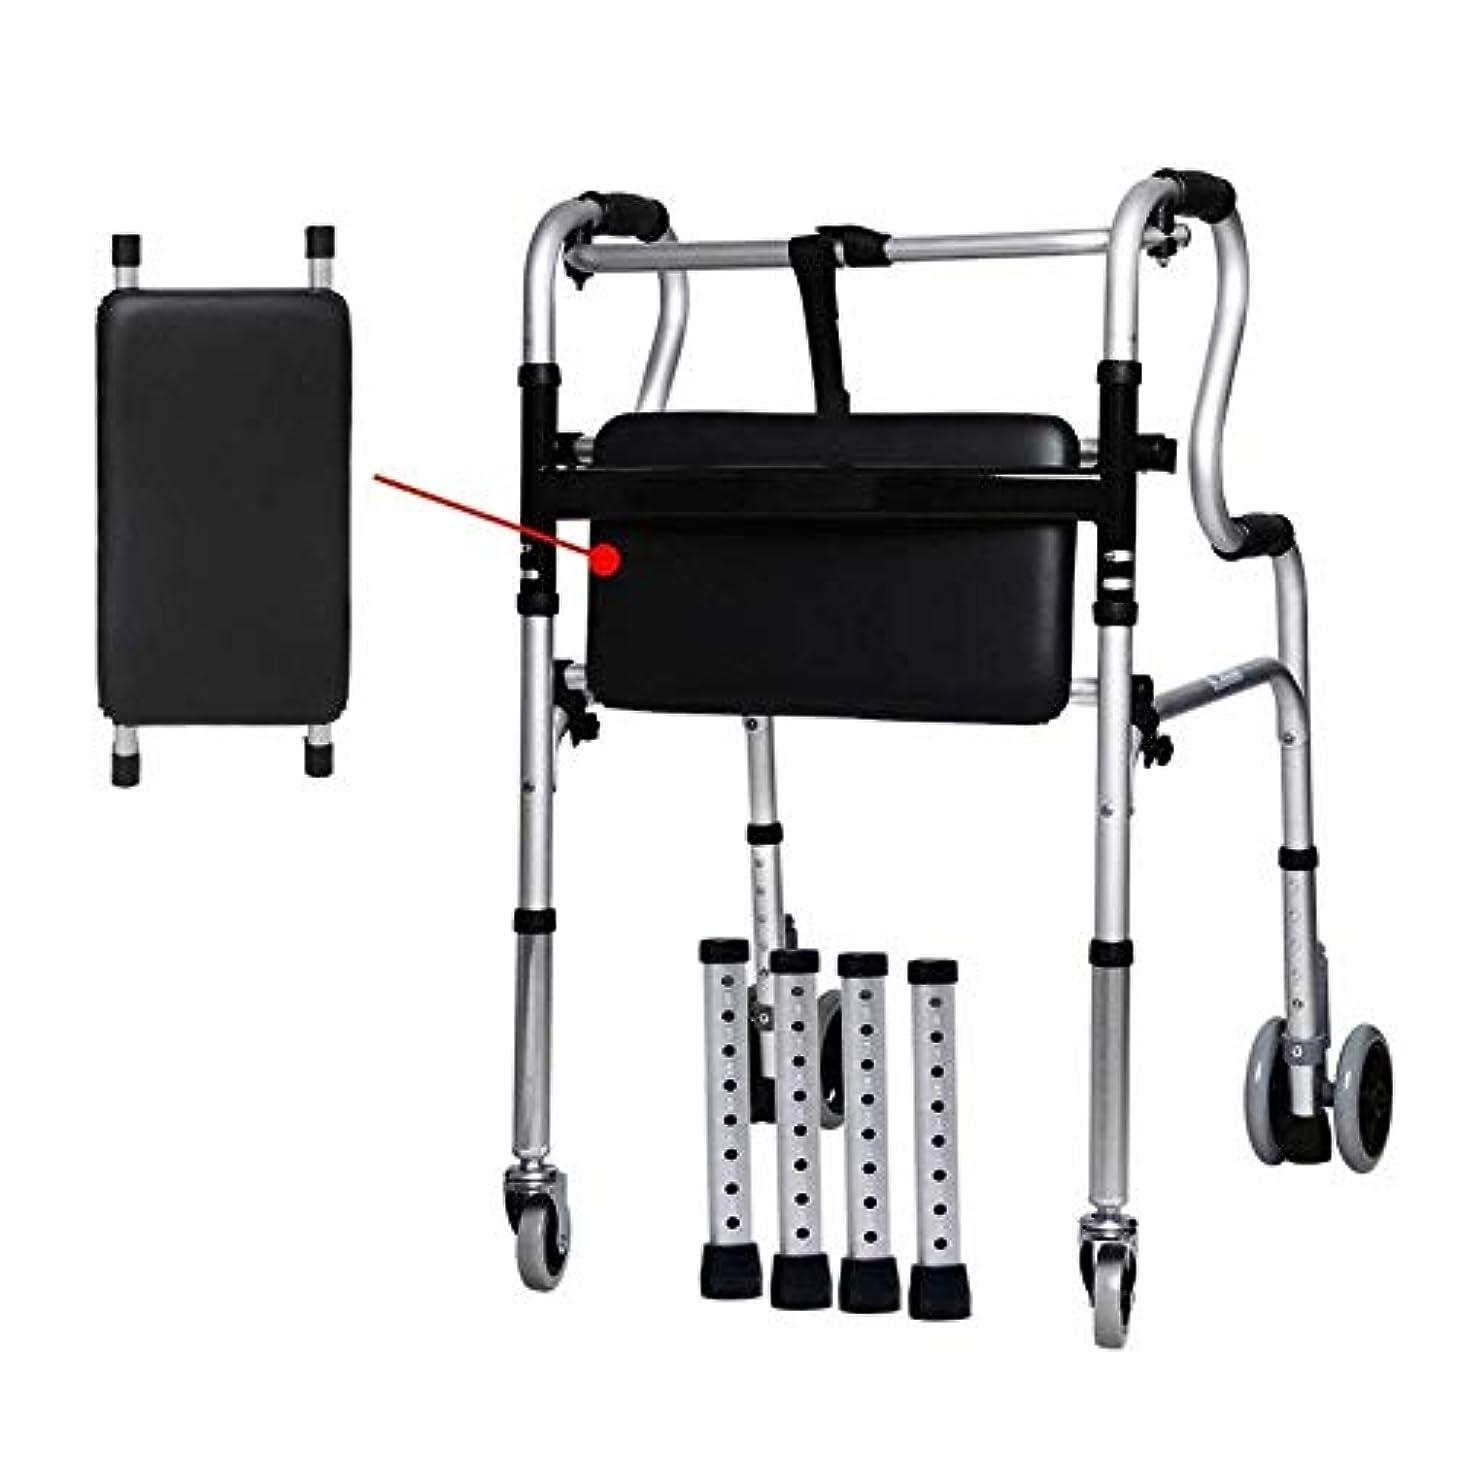 ワイン打ち上げる重量車輪が付いている折る歩行者、不具の高齢者のためのロックできるブレーキが付いている軽いアルミ合金4輪歩行者